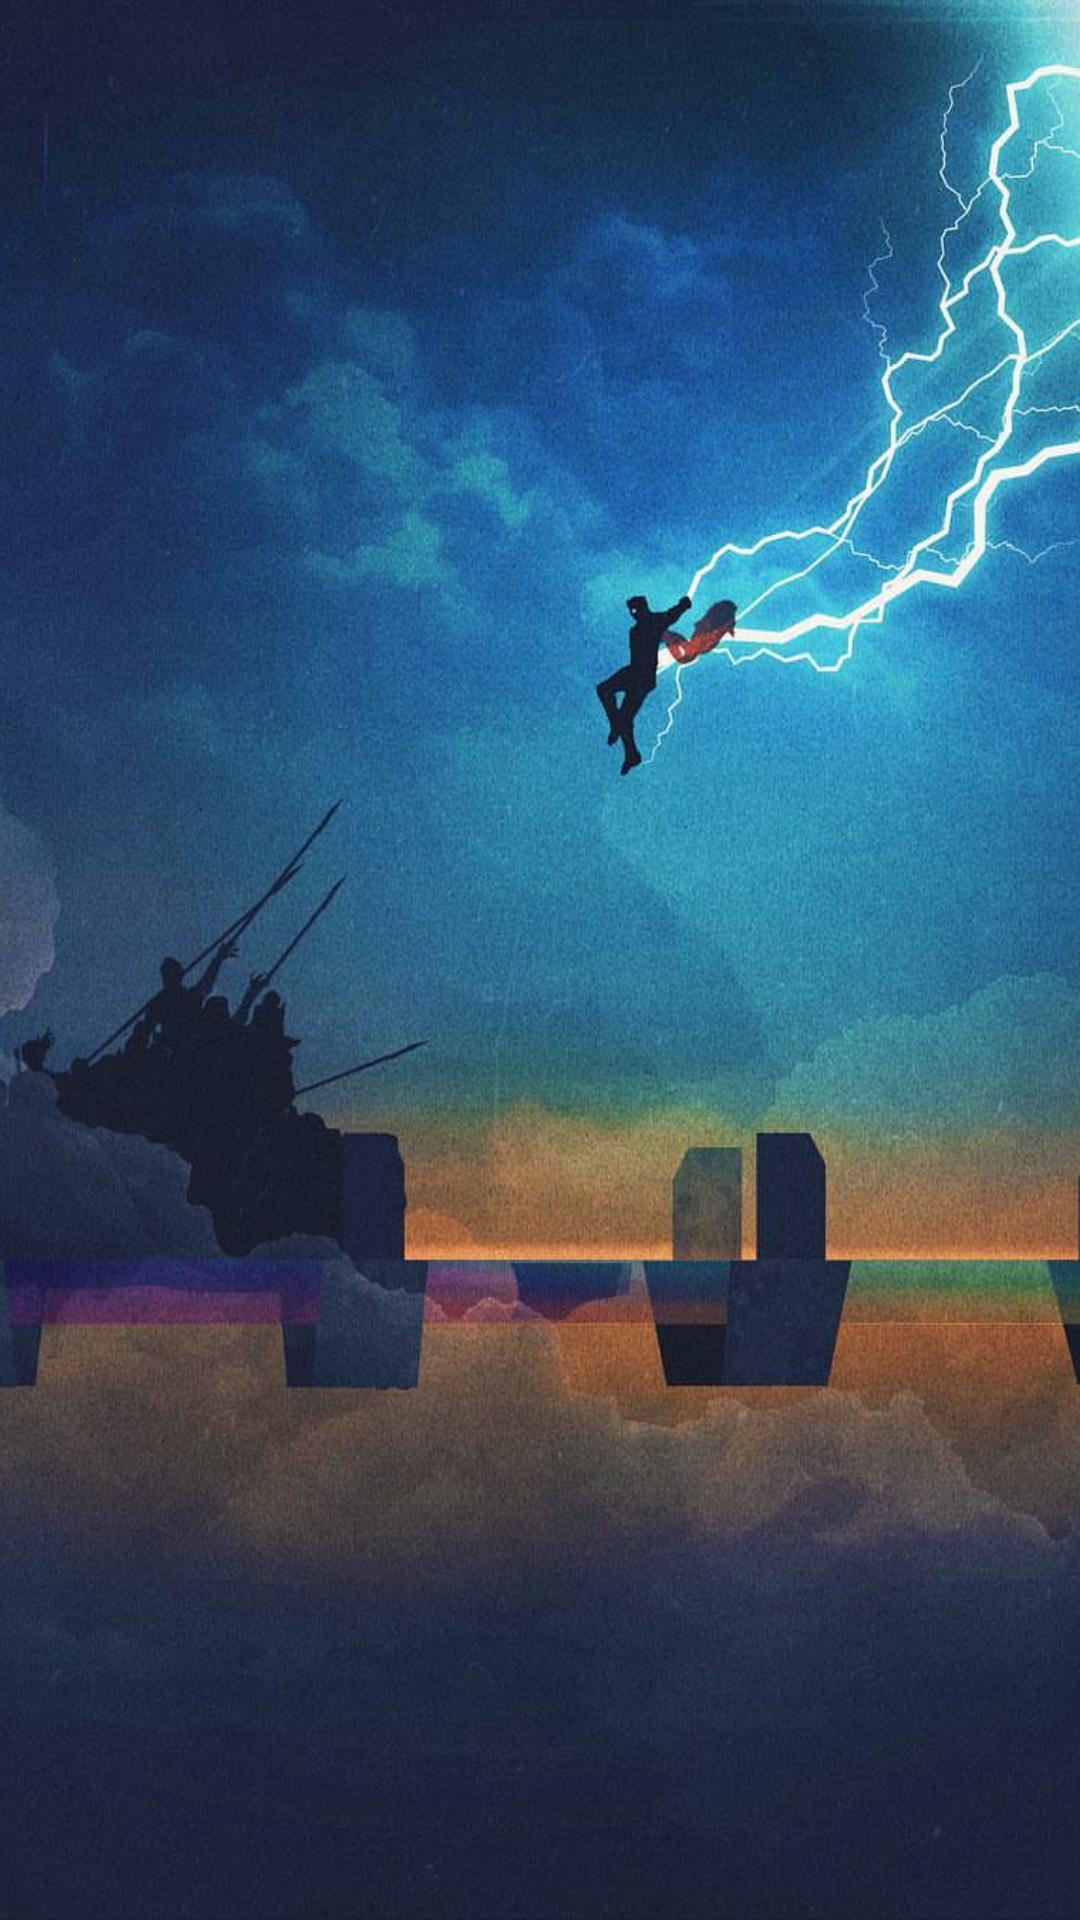 thor stormbreaker attack iphone wallpaper iphoneswallpapers com